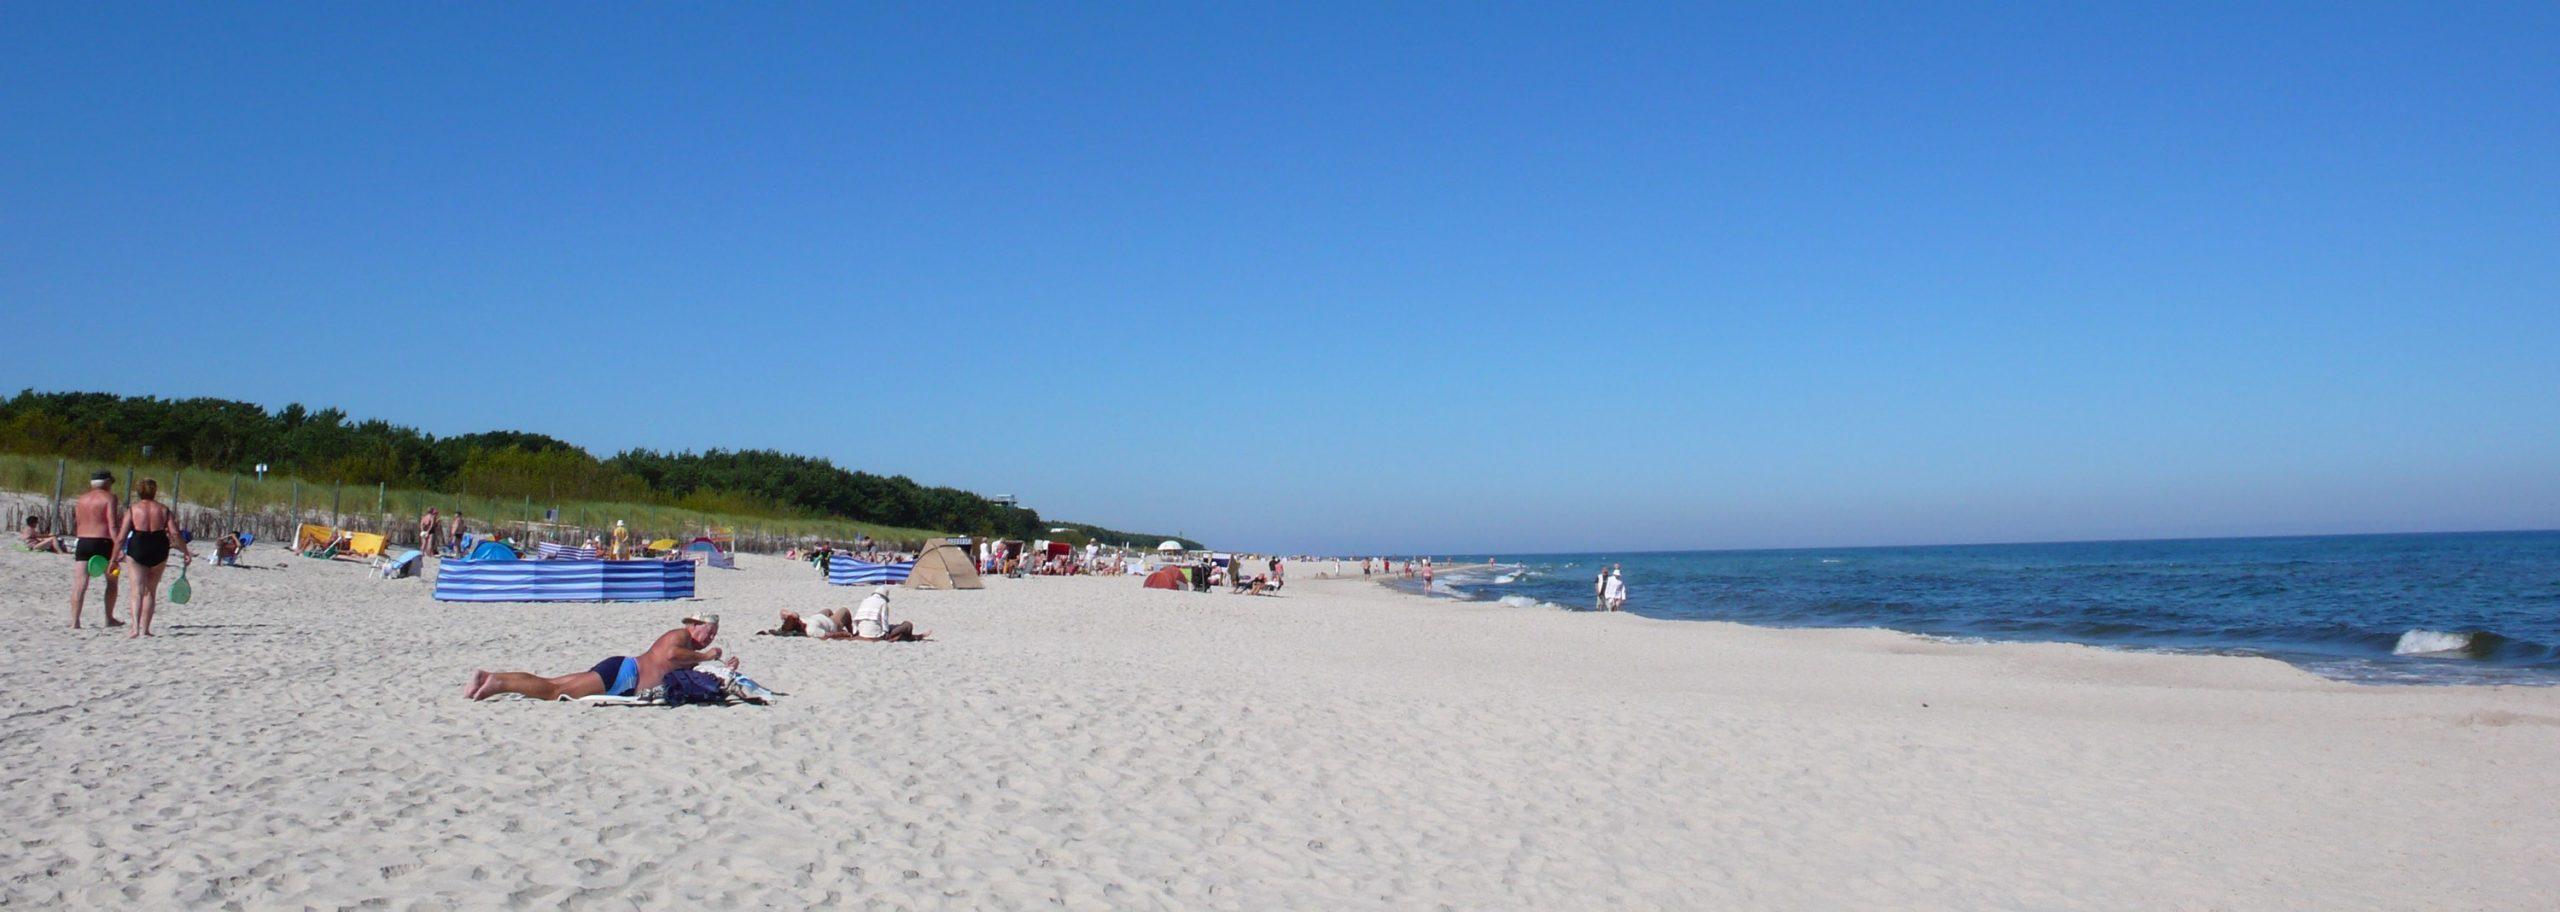 Przeczytaj więcej o artykule Dokąd pojechać na wakacje – Jurata czy Jastarnia? Czego możemy się spodziewać.